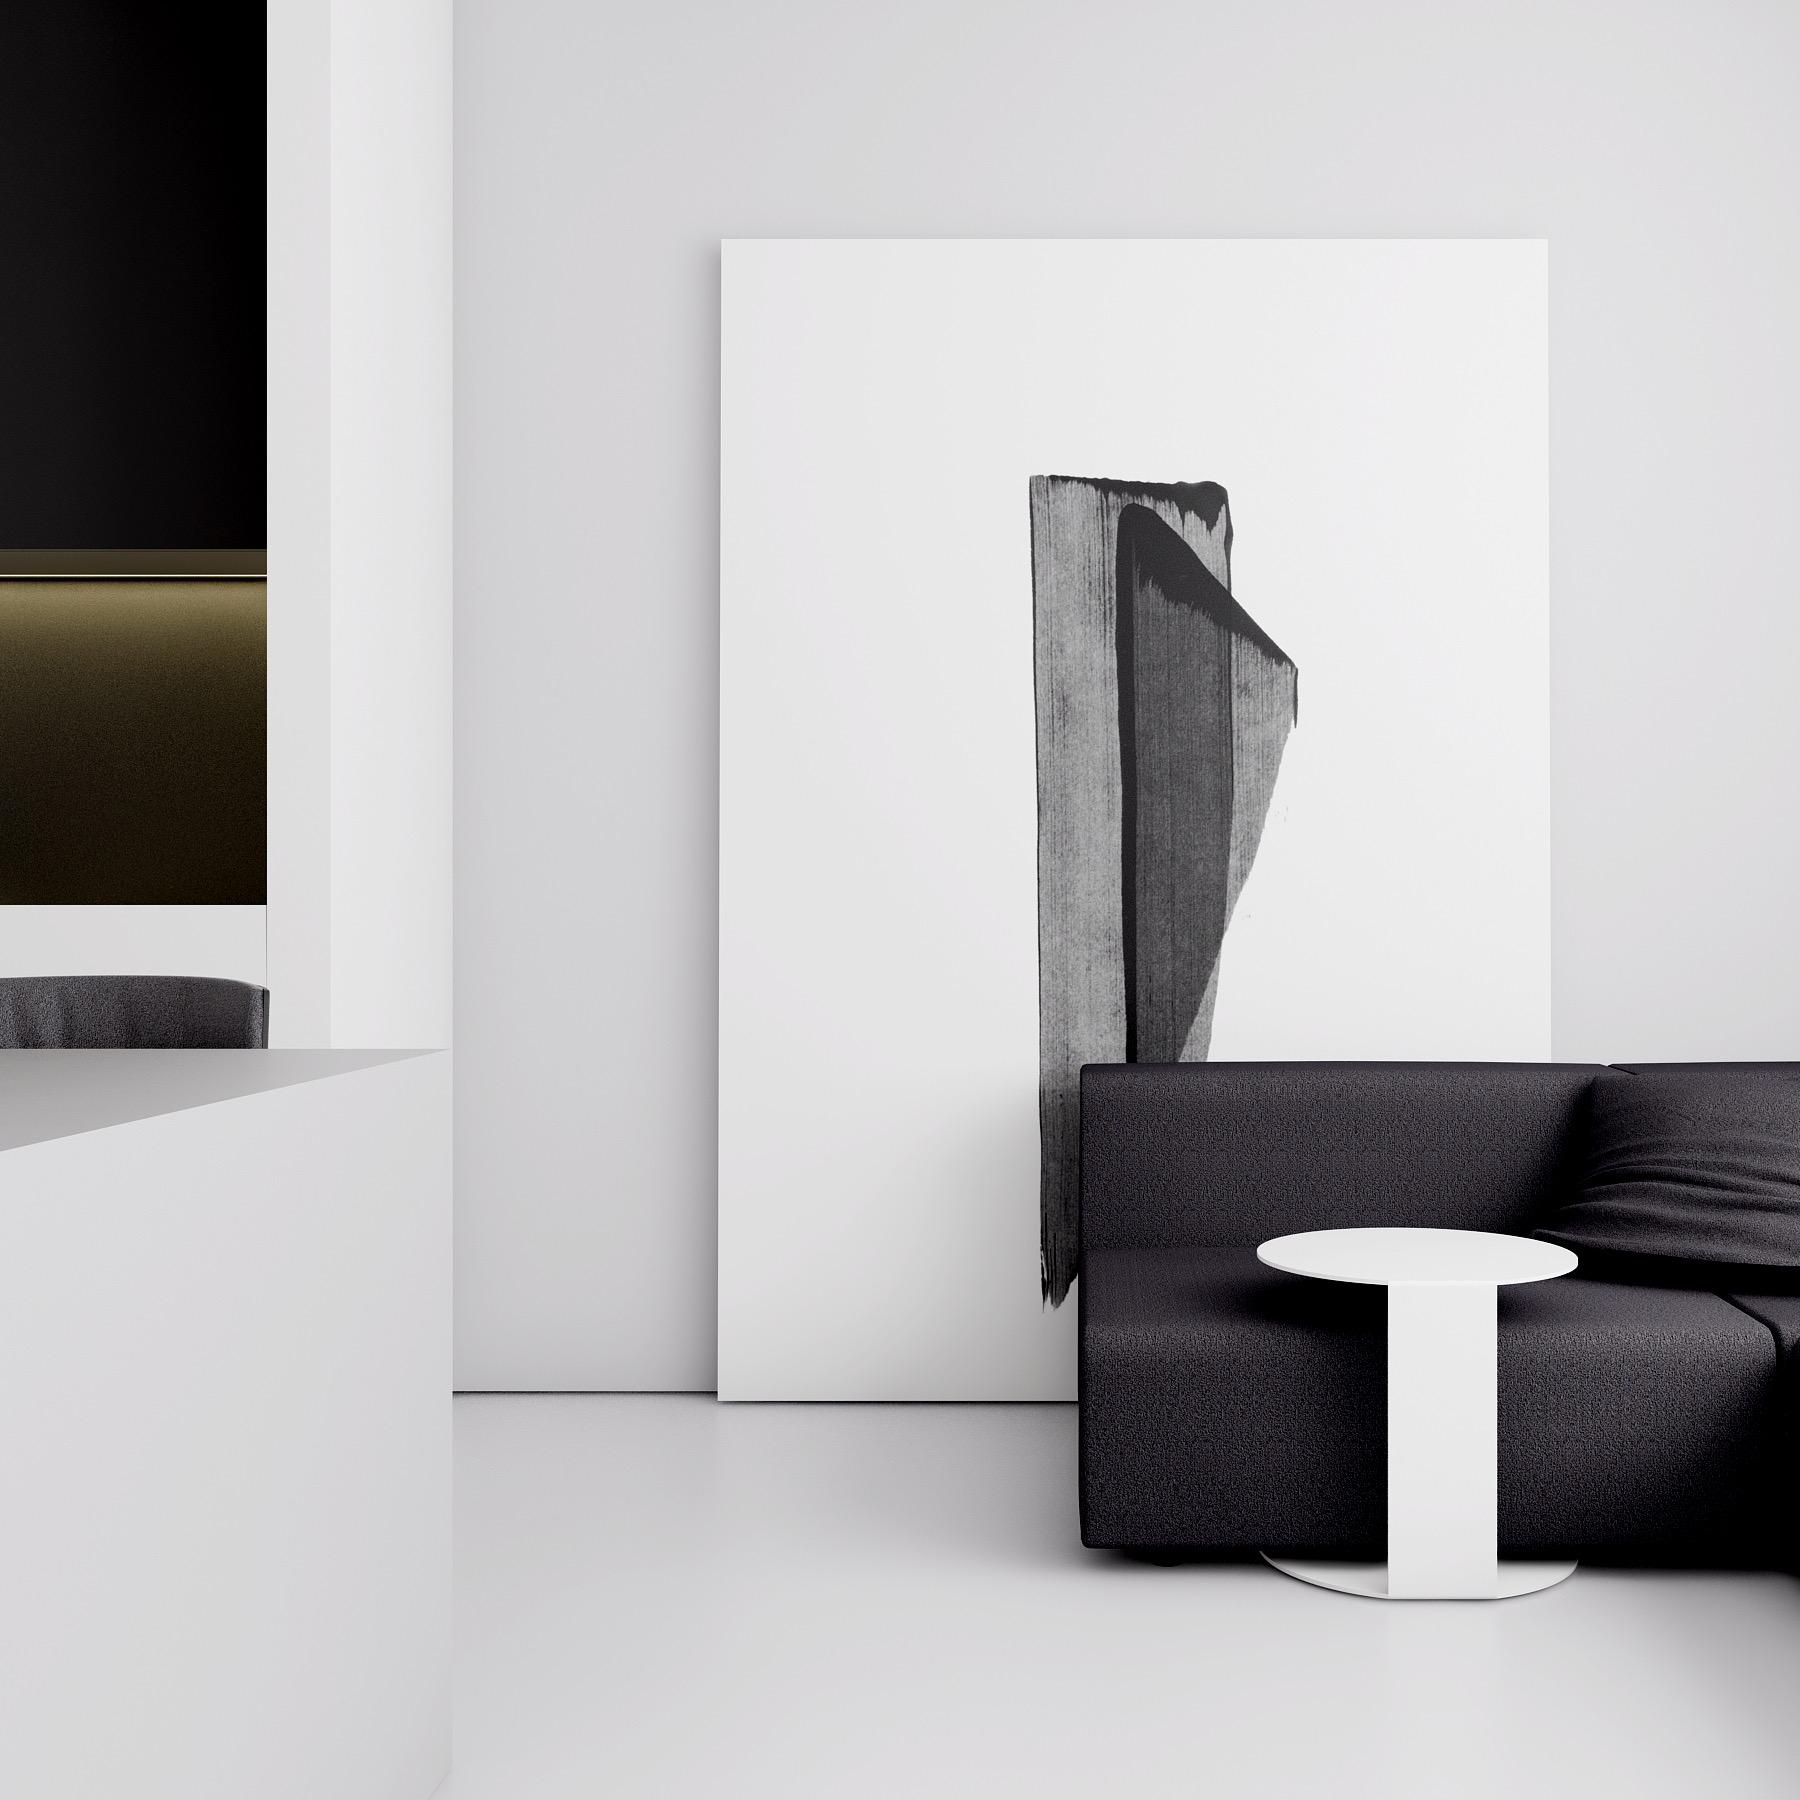 projekt_mieszkania_w_warszawie_aranzacja_minimalistyczne_wnetrze_inuti_lukasz_rzad_03